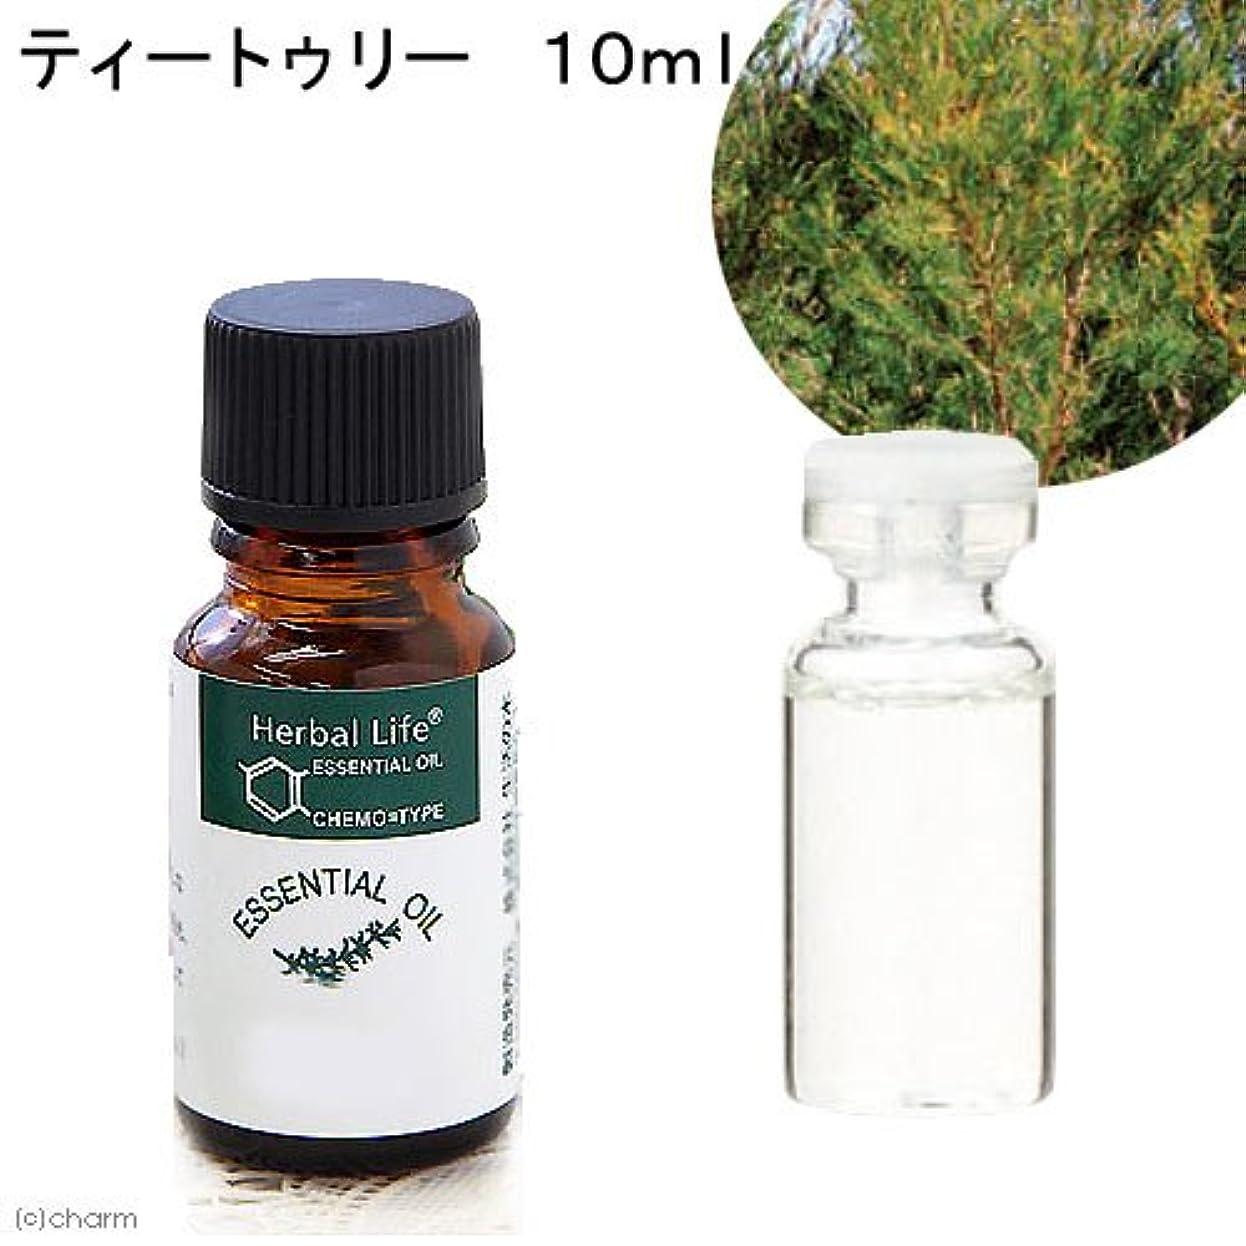 毒液ボアカプラー生活の木 エッセンシャルオイル ティートゥリー 10ml